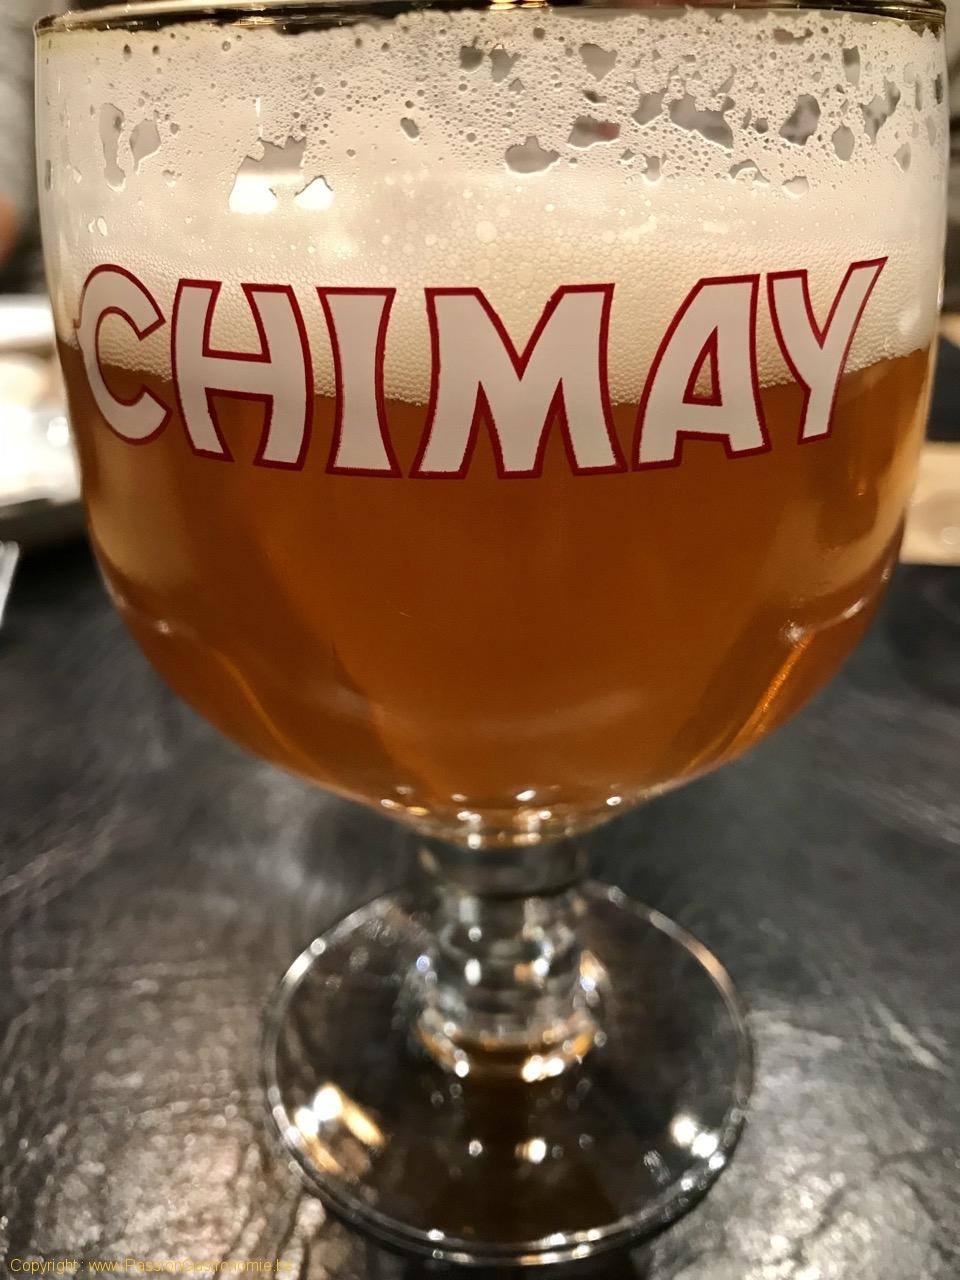 Restaurant Ferme des 4 saisons - Chimay blanche